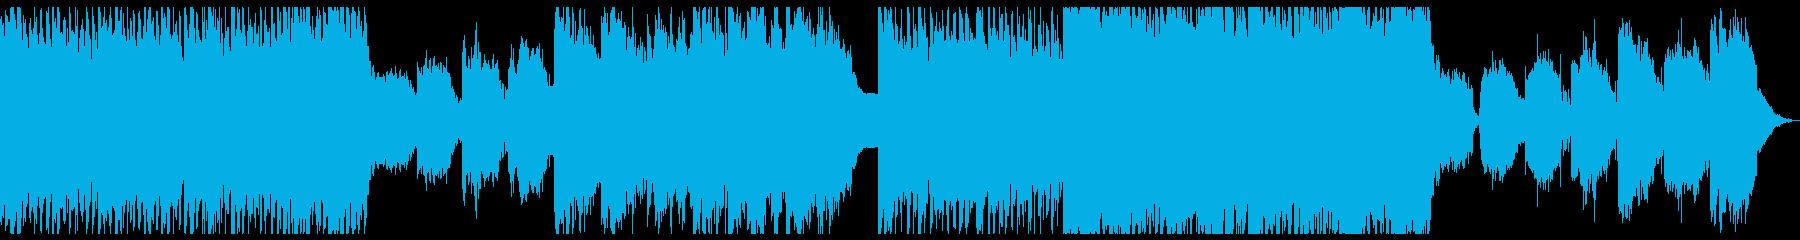 風変わりなエレクトロニカのテーマの再生済みの波形